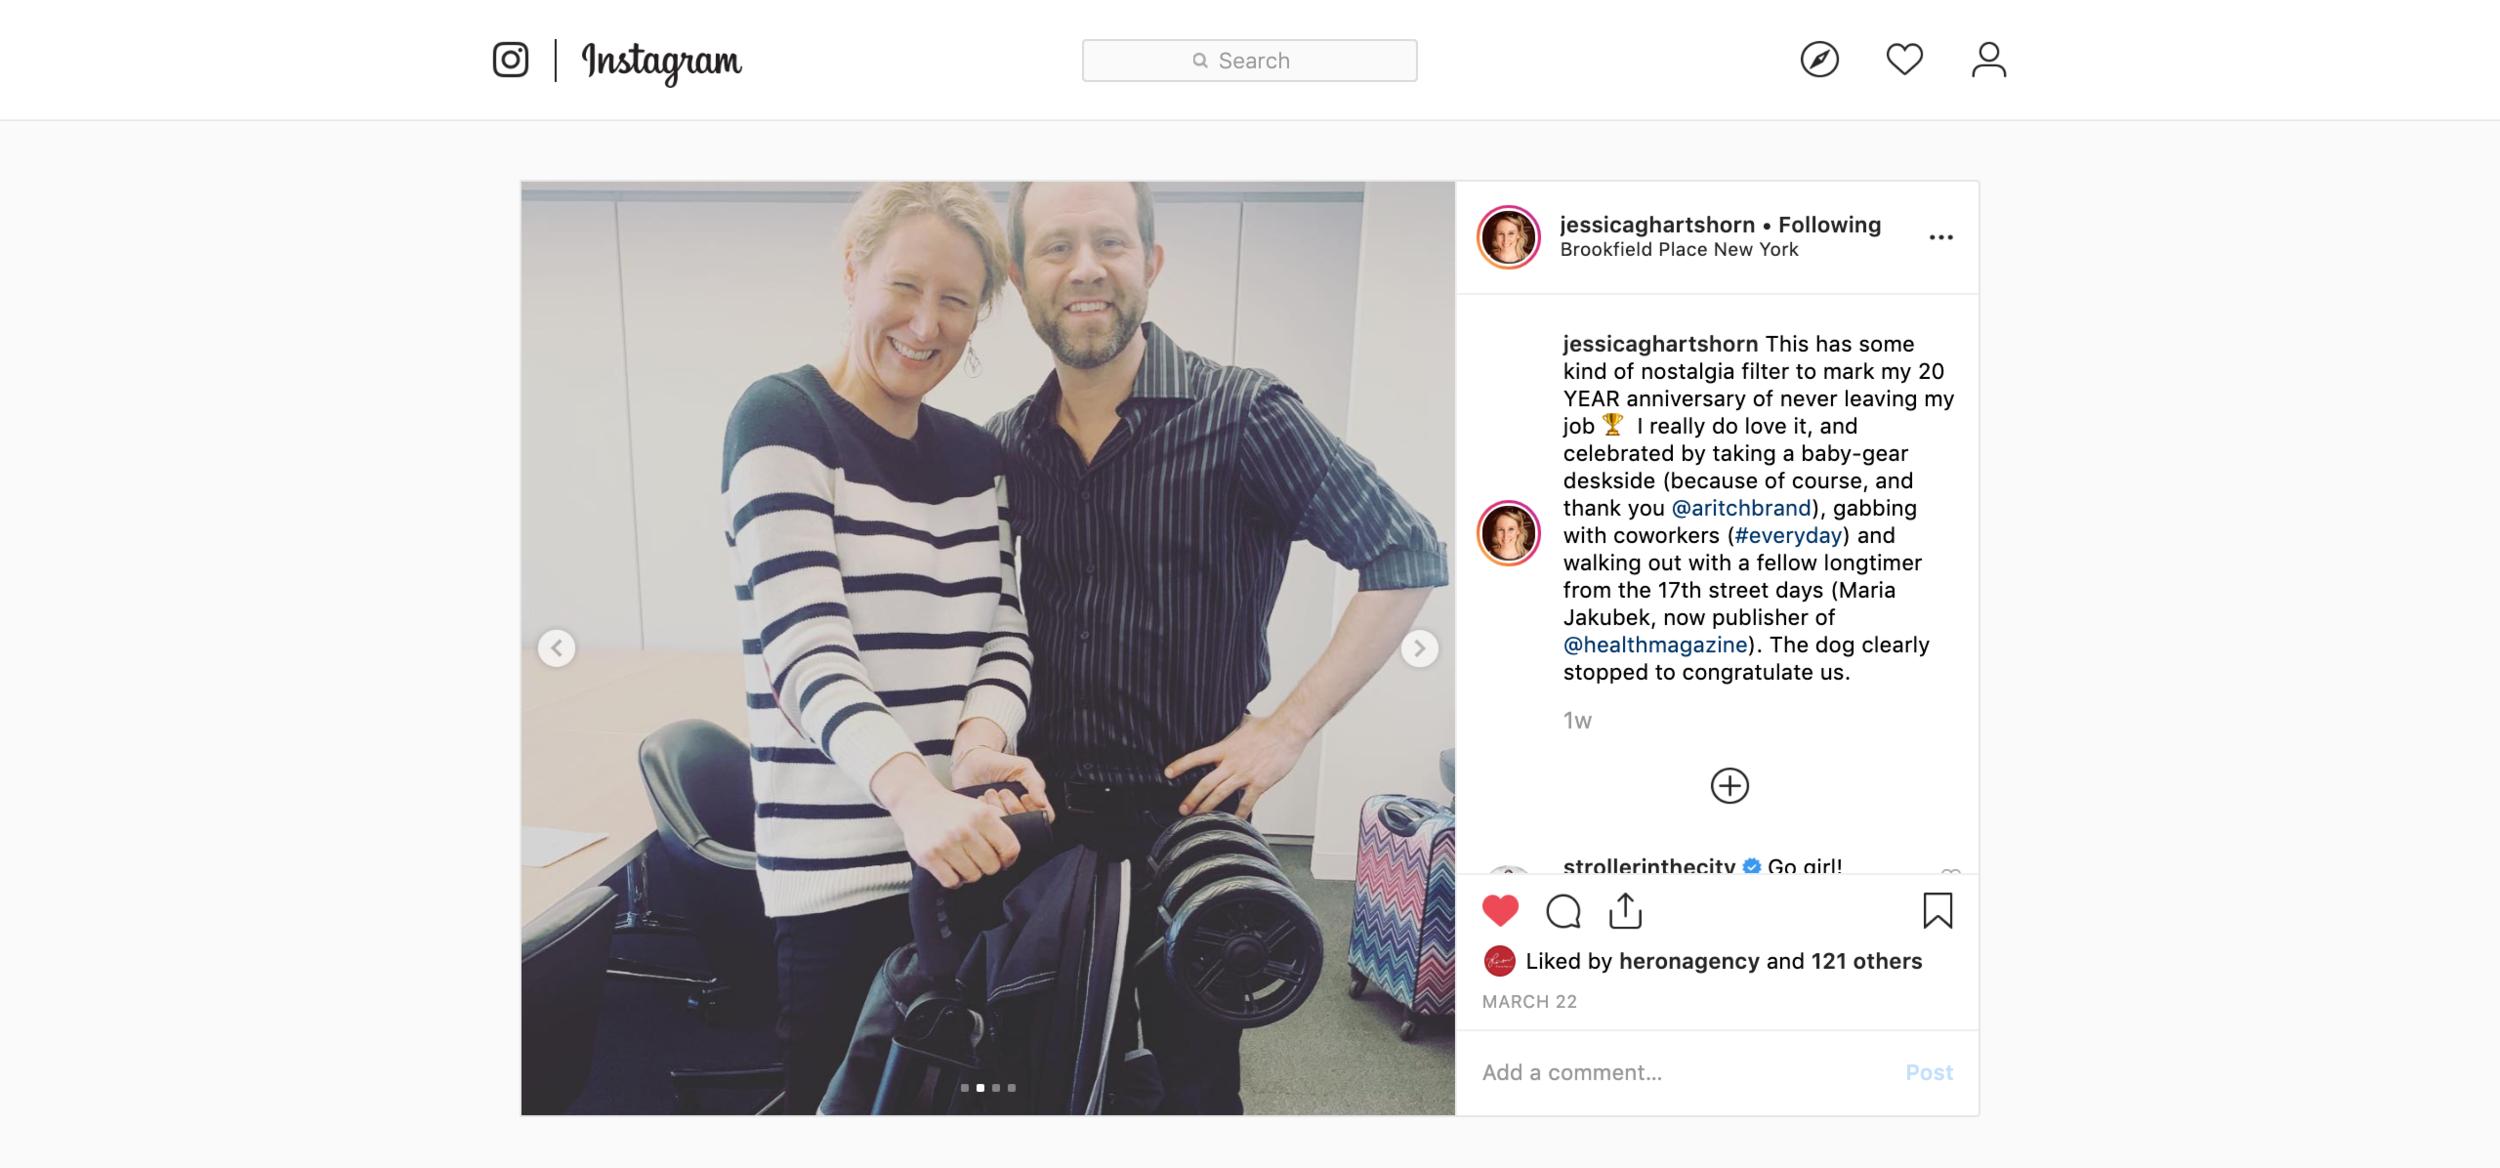 2019.03.22_jessicaghartshorn, Instagram_Summer 3Dlite+ with Adam Ritchie deskside anniversary.png